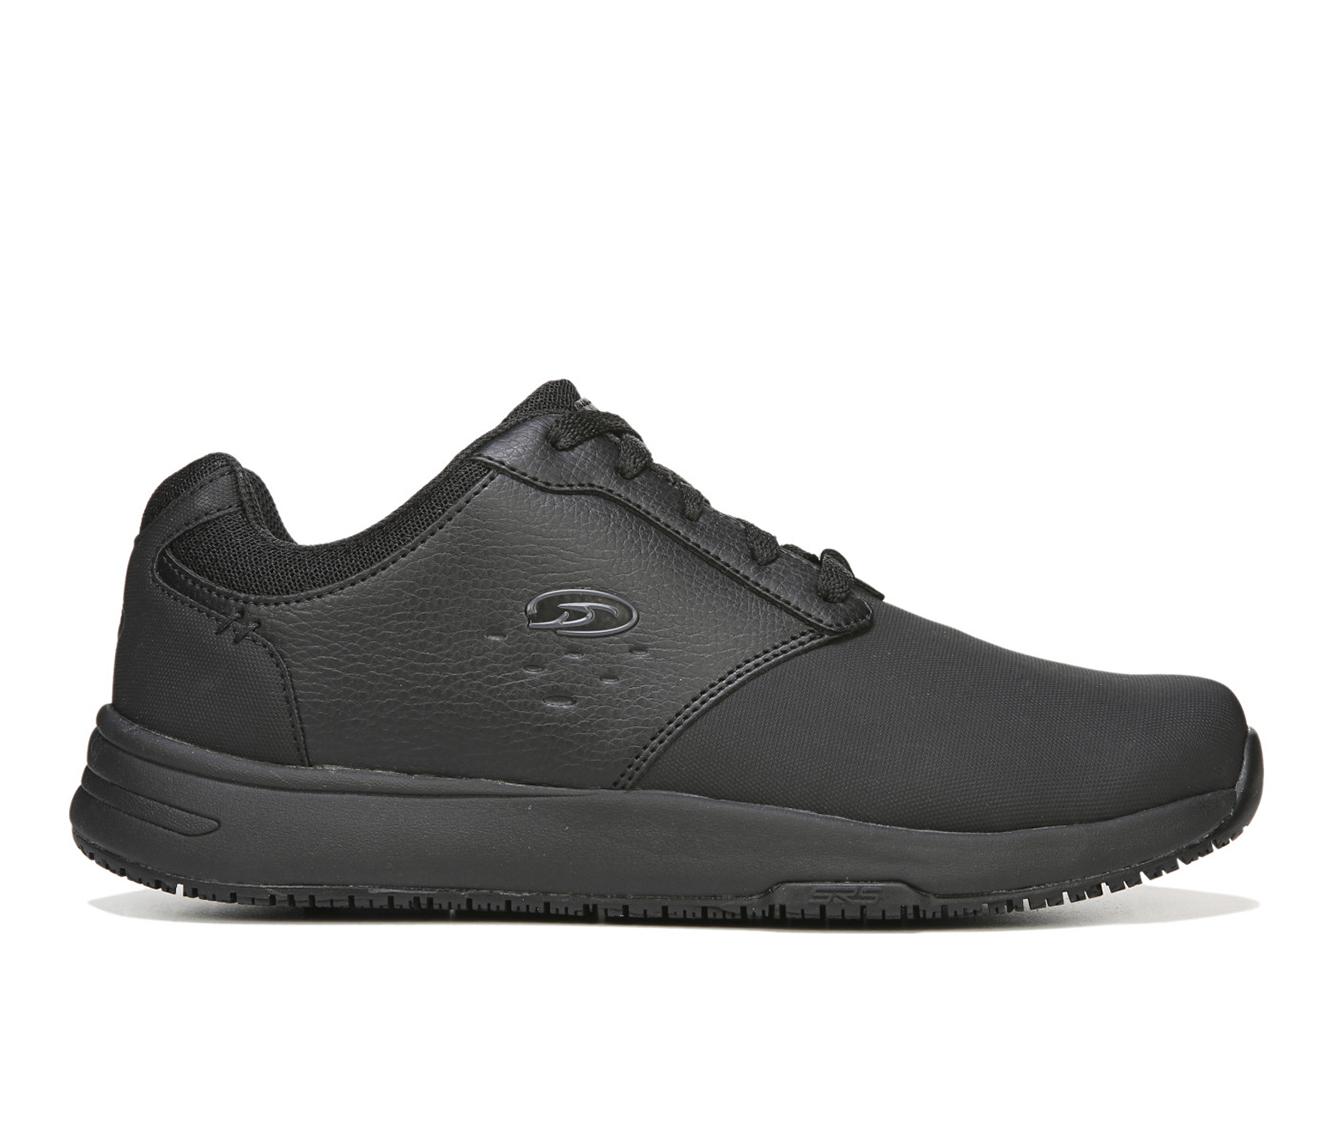 Dr. Scholls Intrepid Men's Boots (Black Faux Leather)